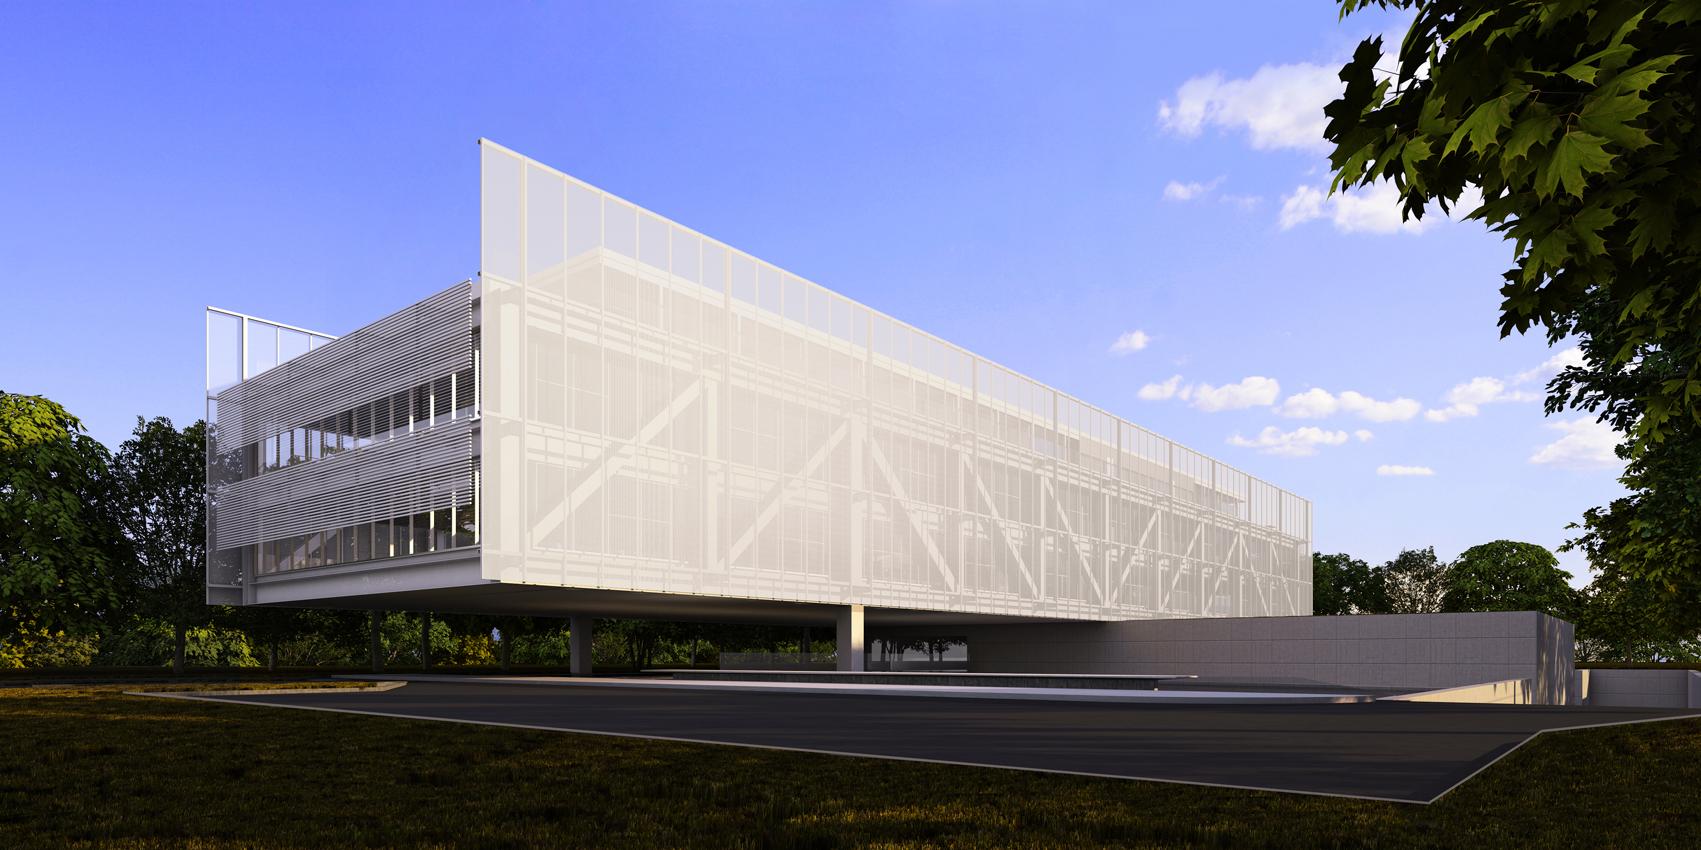 1º Lugar: Nova sede da Confederação Nacional de Municípios - CNM / Mira Arquitetos, © Cortesia de Mira Arquitetos